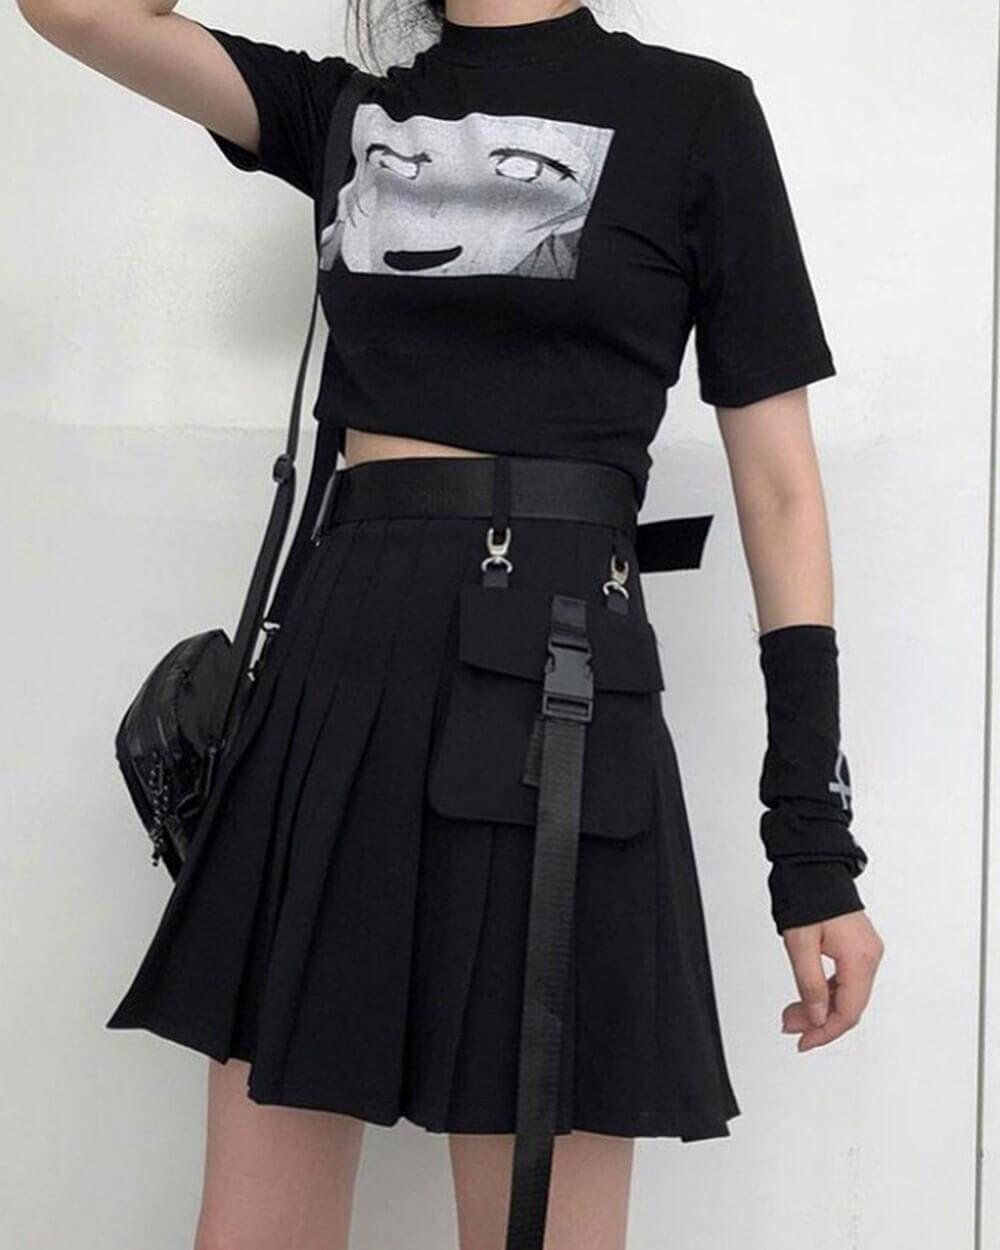 NORMCORESTUDIOS egirl clothing